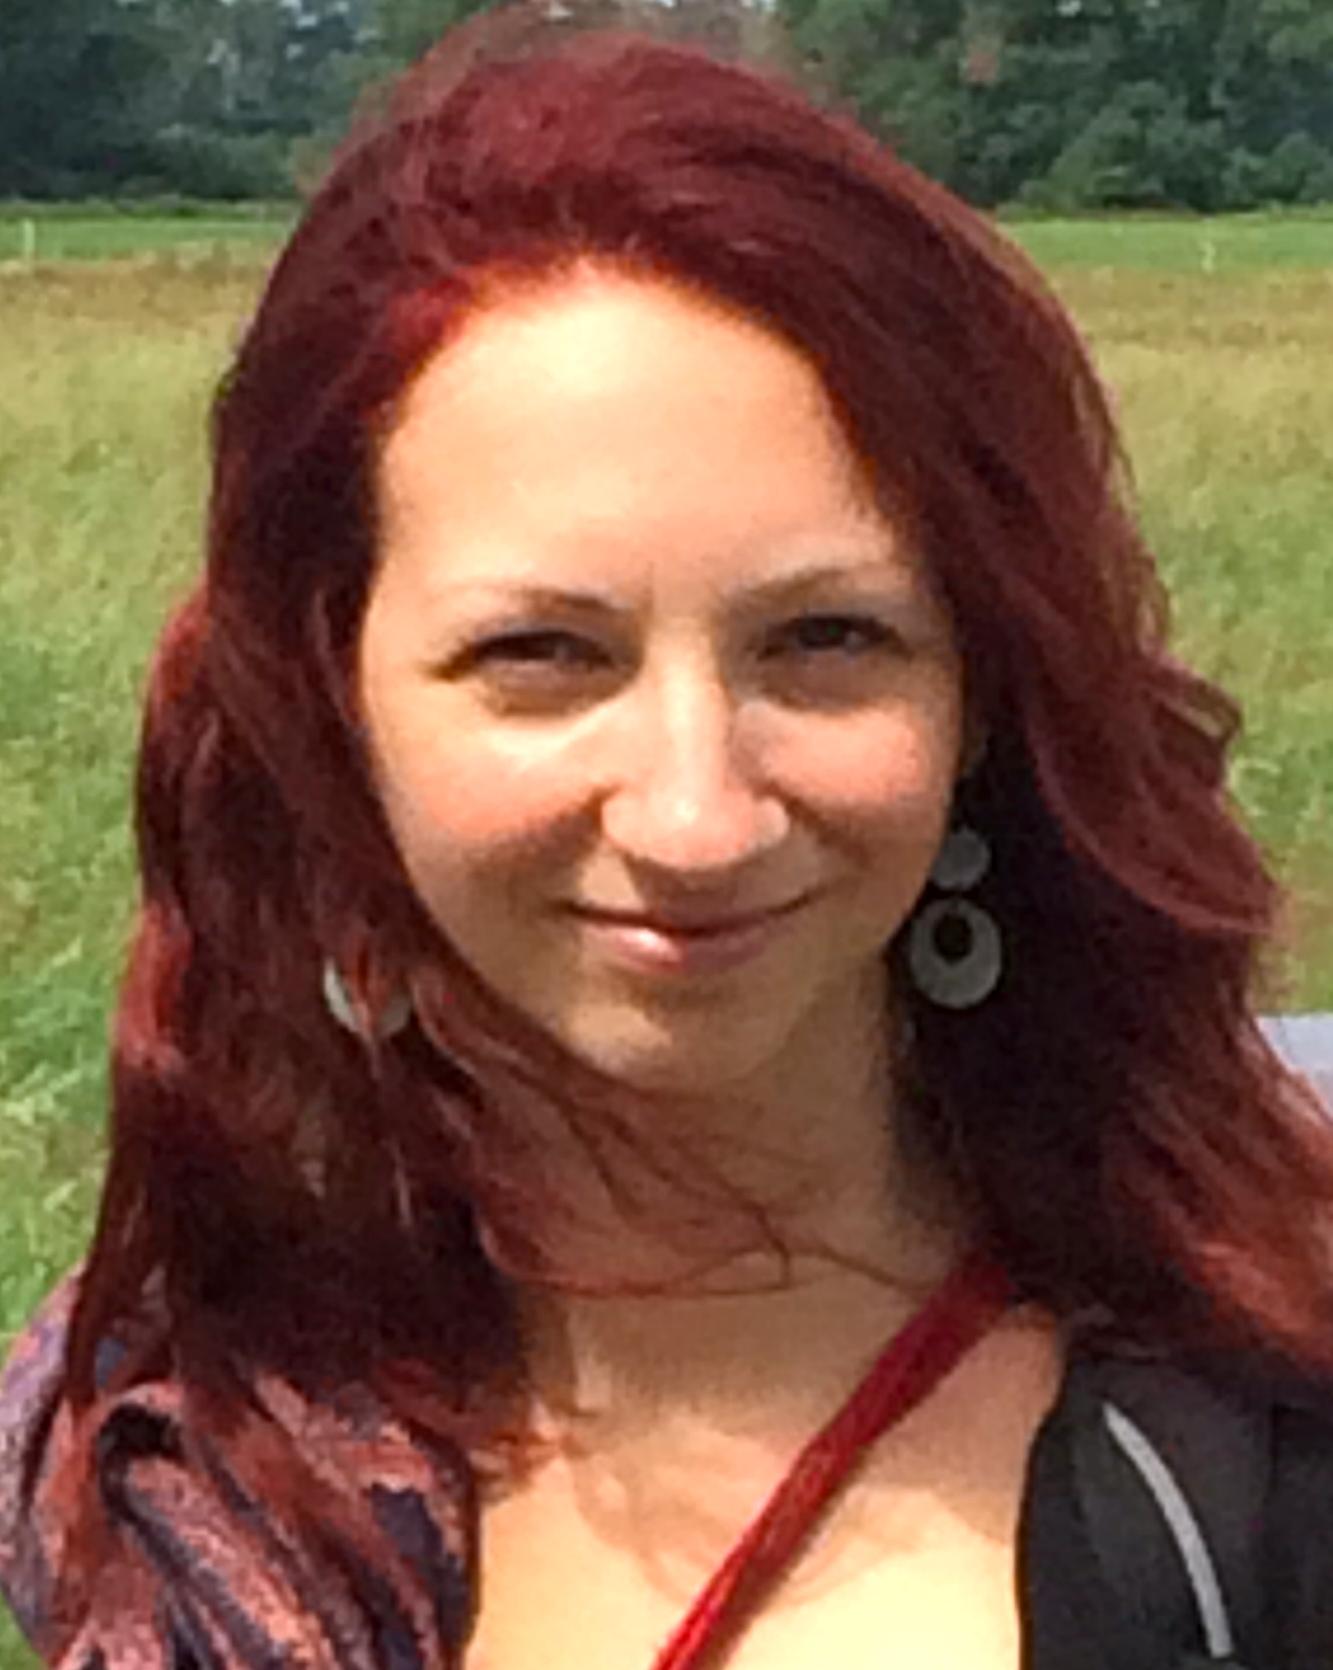 Carolin Mazloumian